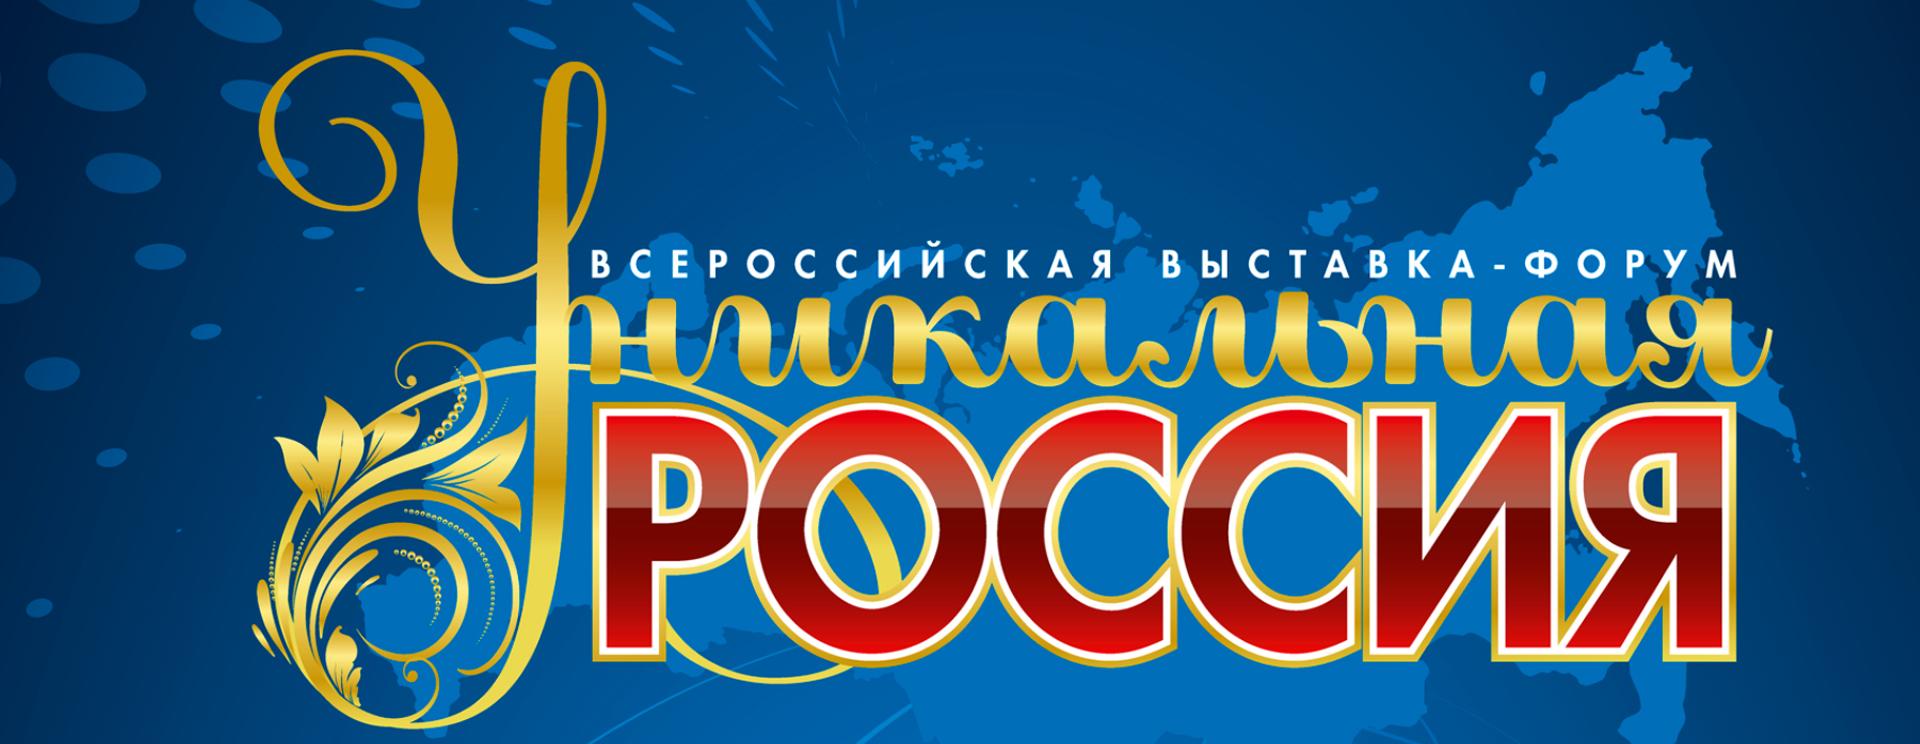 """22 января - 14 февраля 2021 года пройдет всероссийская выставка-форум """"Уникальная Россия""""."""